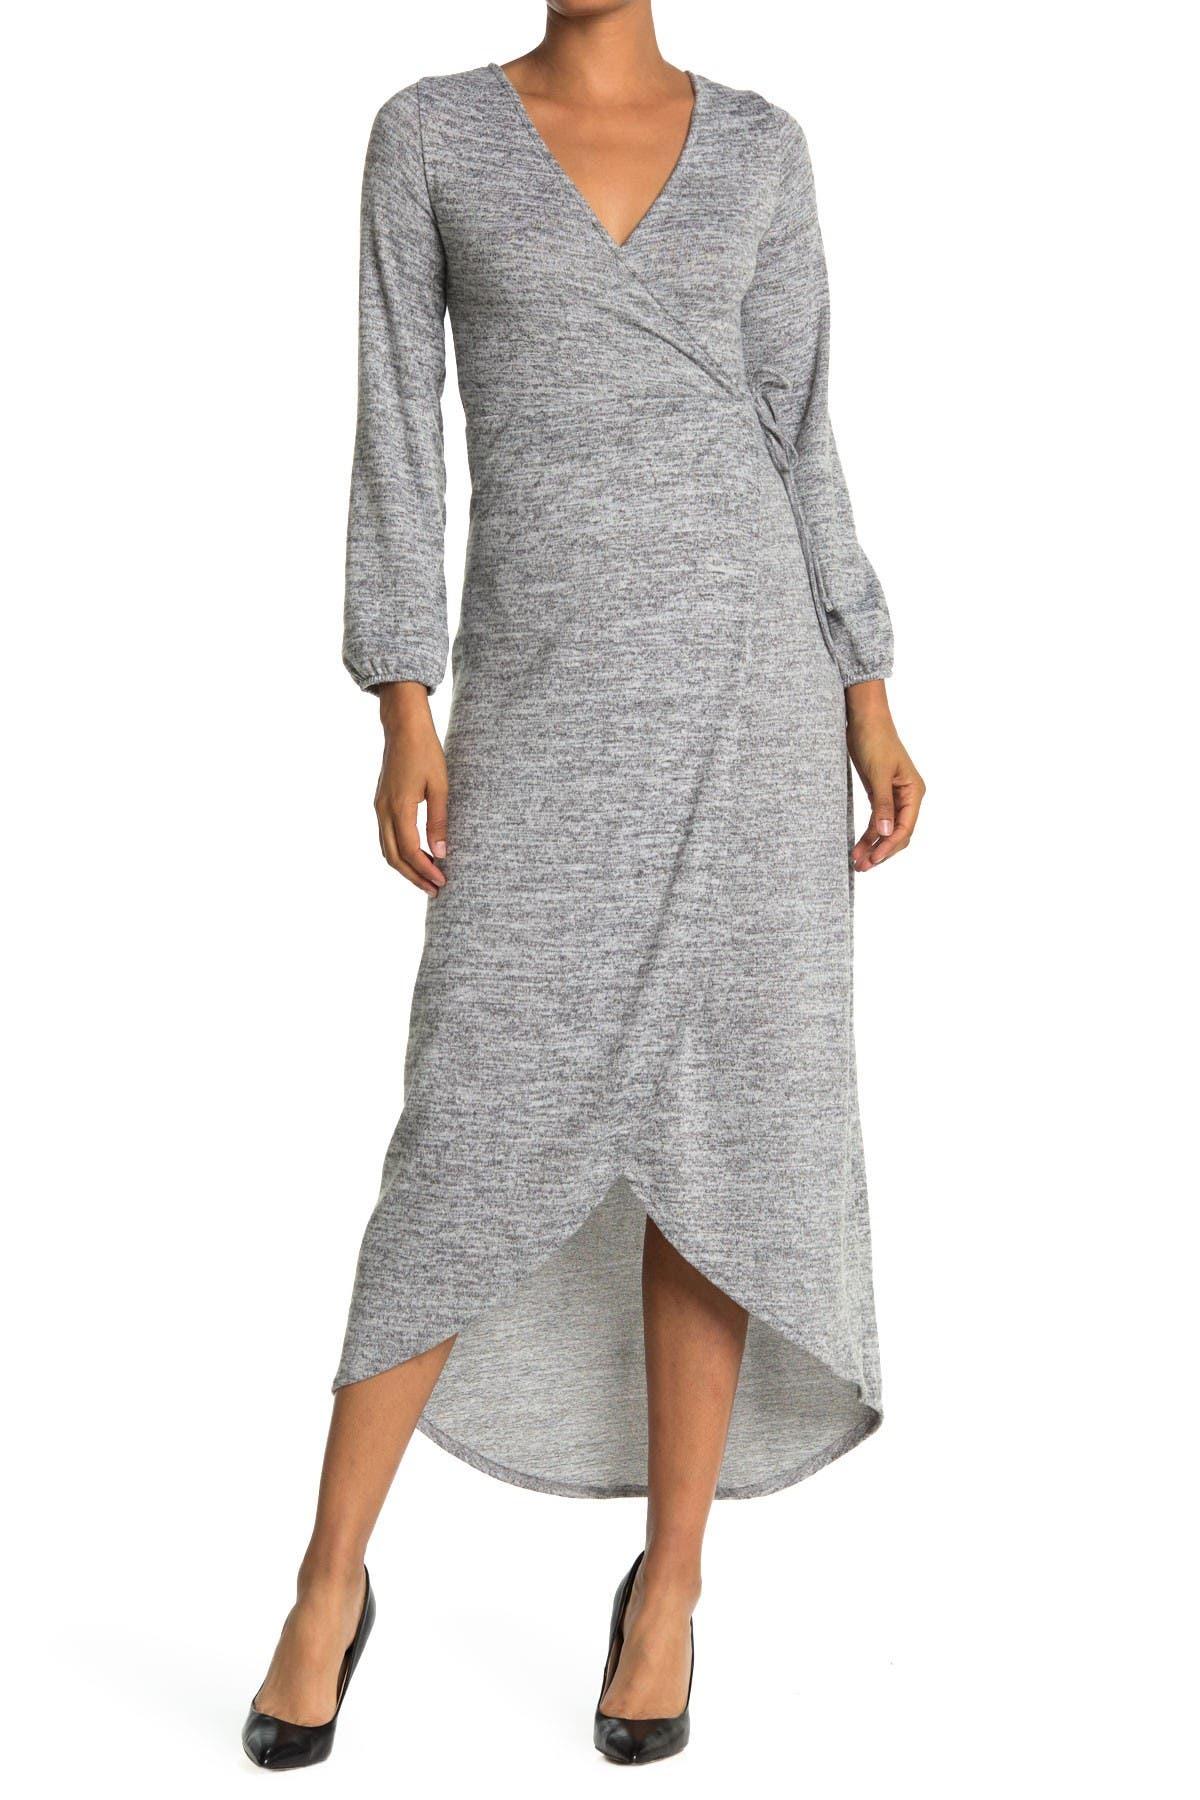 Image of Velvet Torch Long Sleeve Wrap Dress